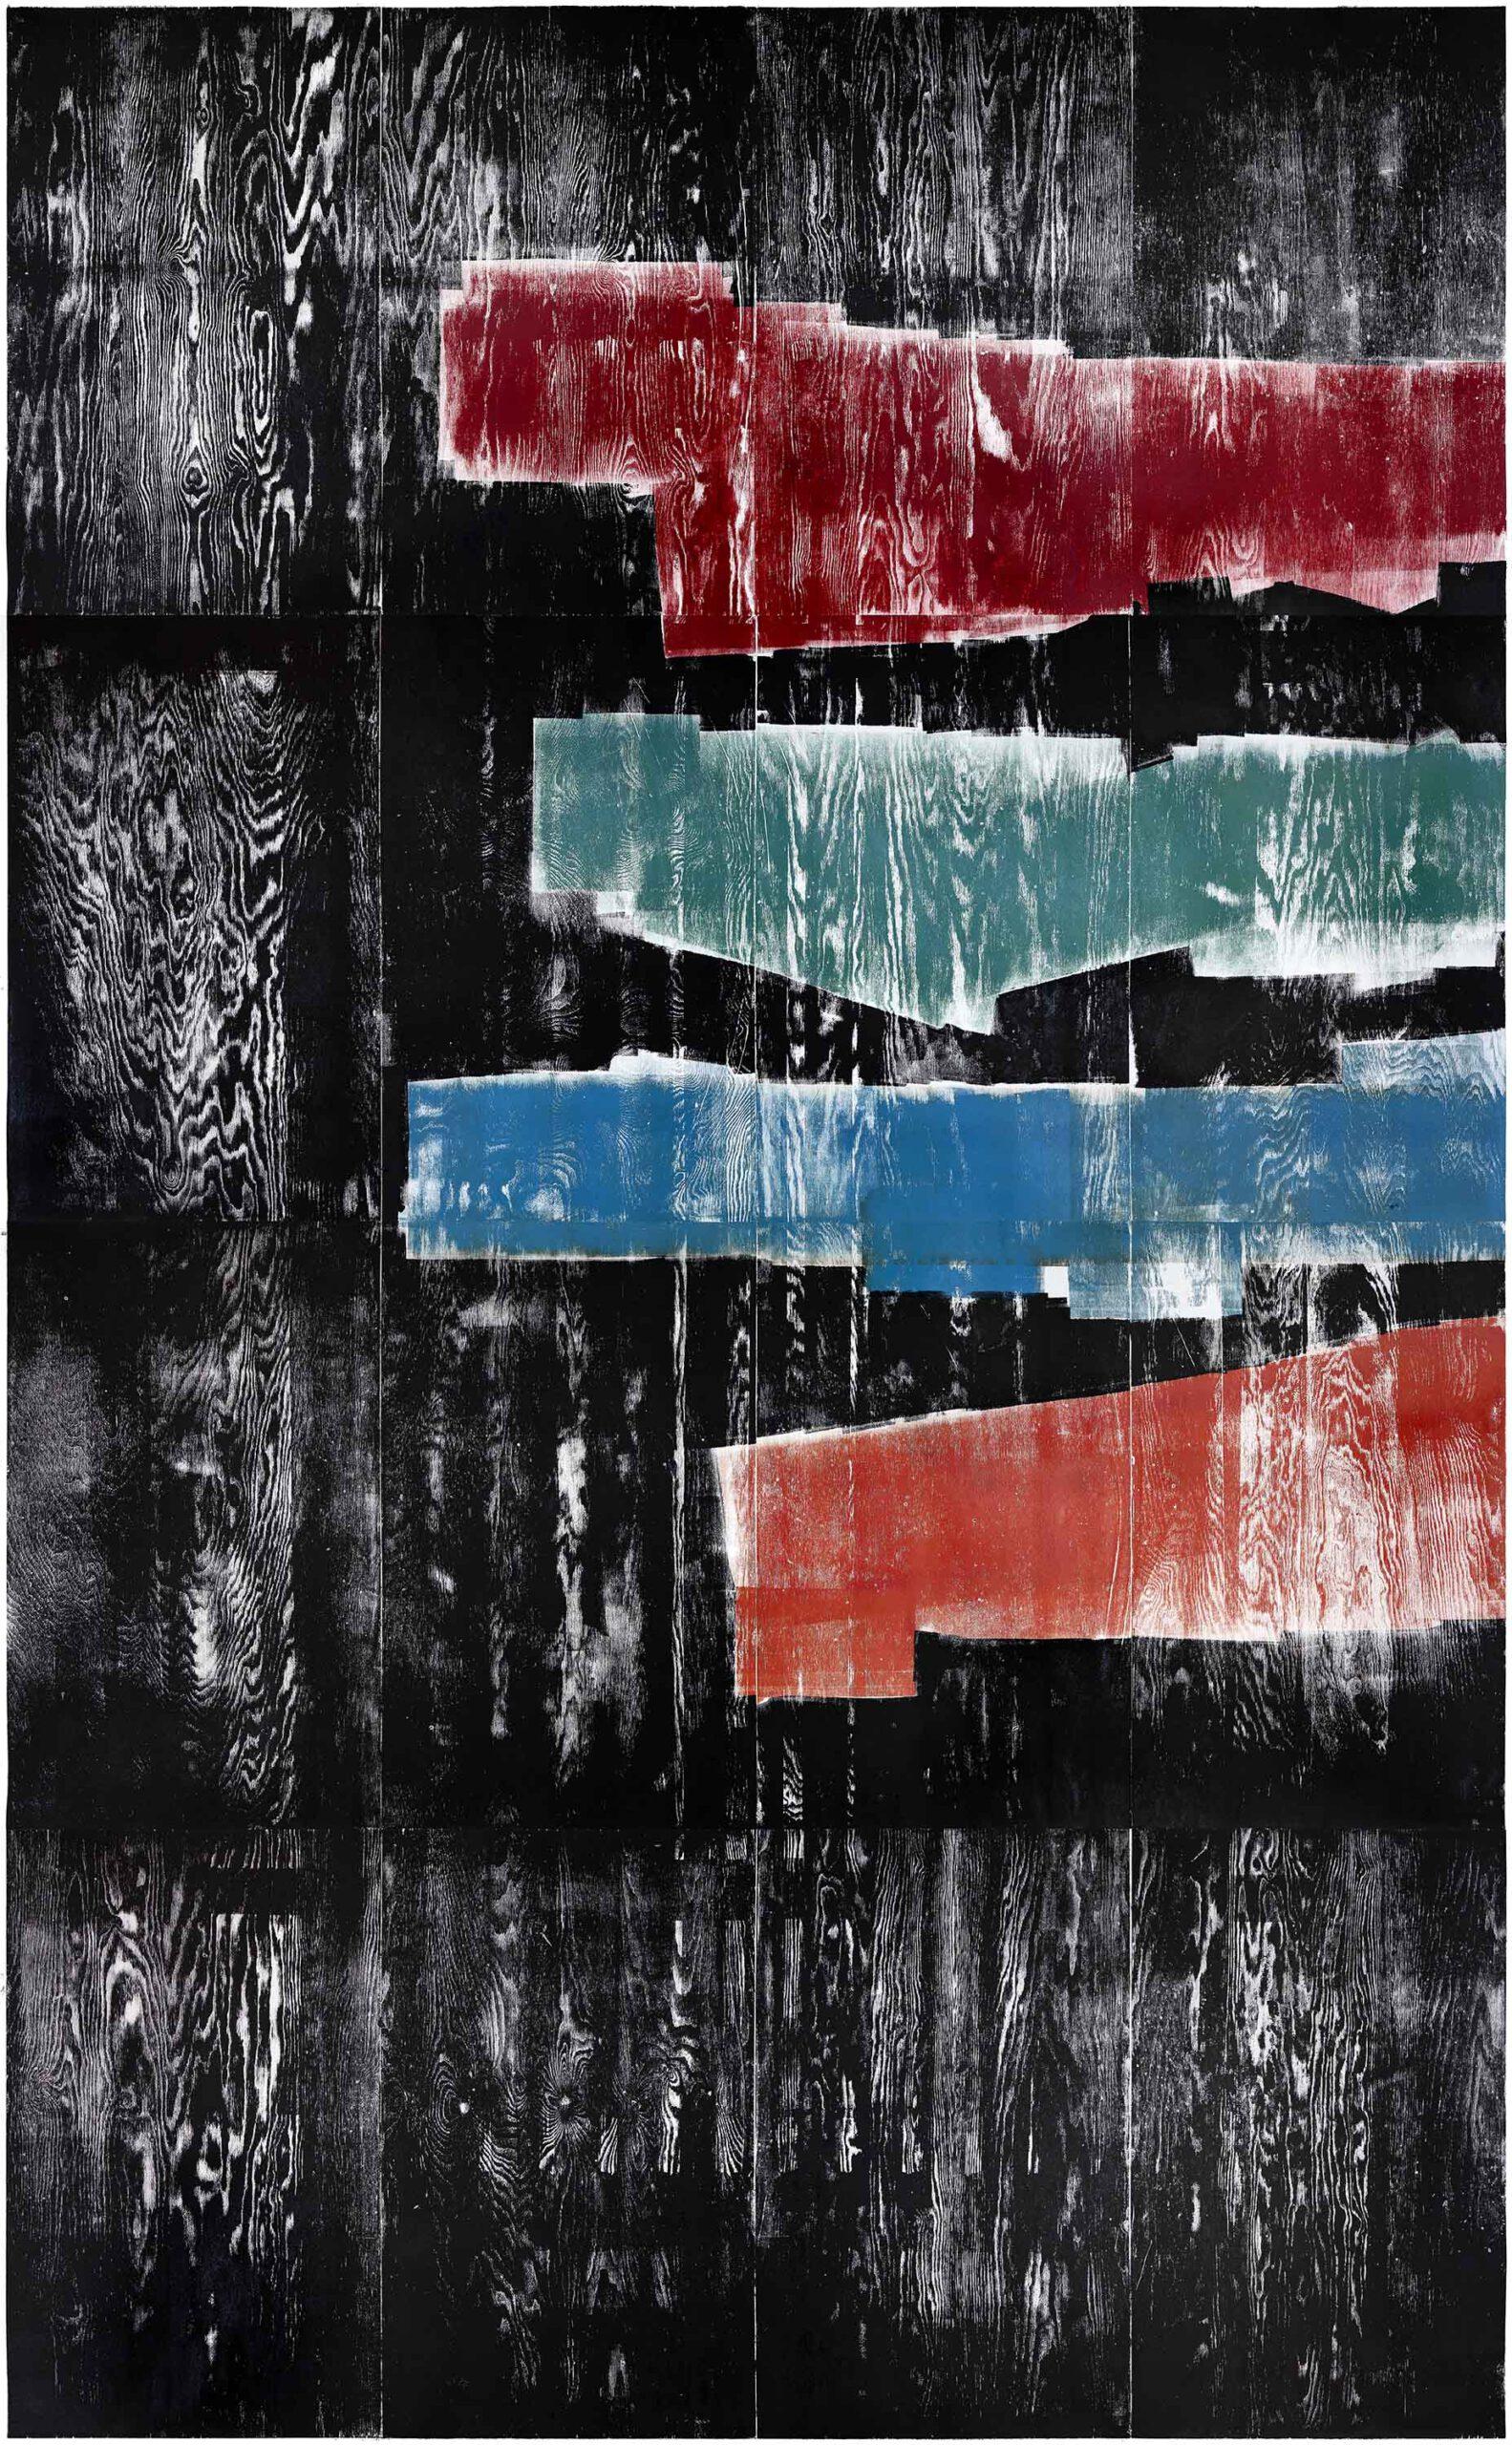 Score, 2020, wood engraving, 405,2 x 259,5cm, Genaro Strobel